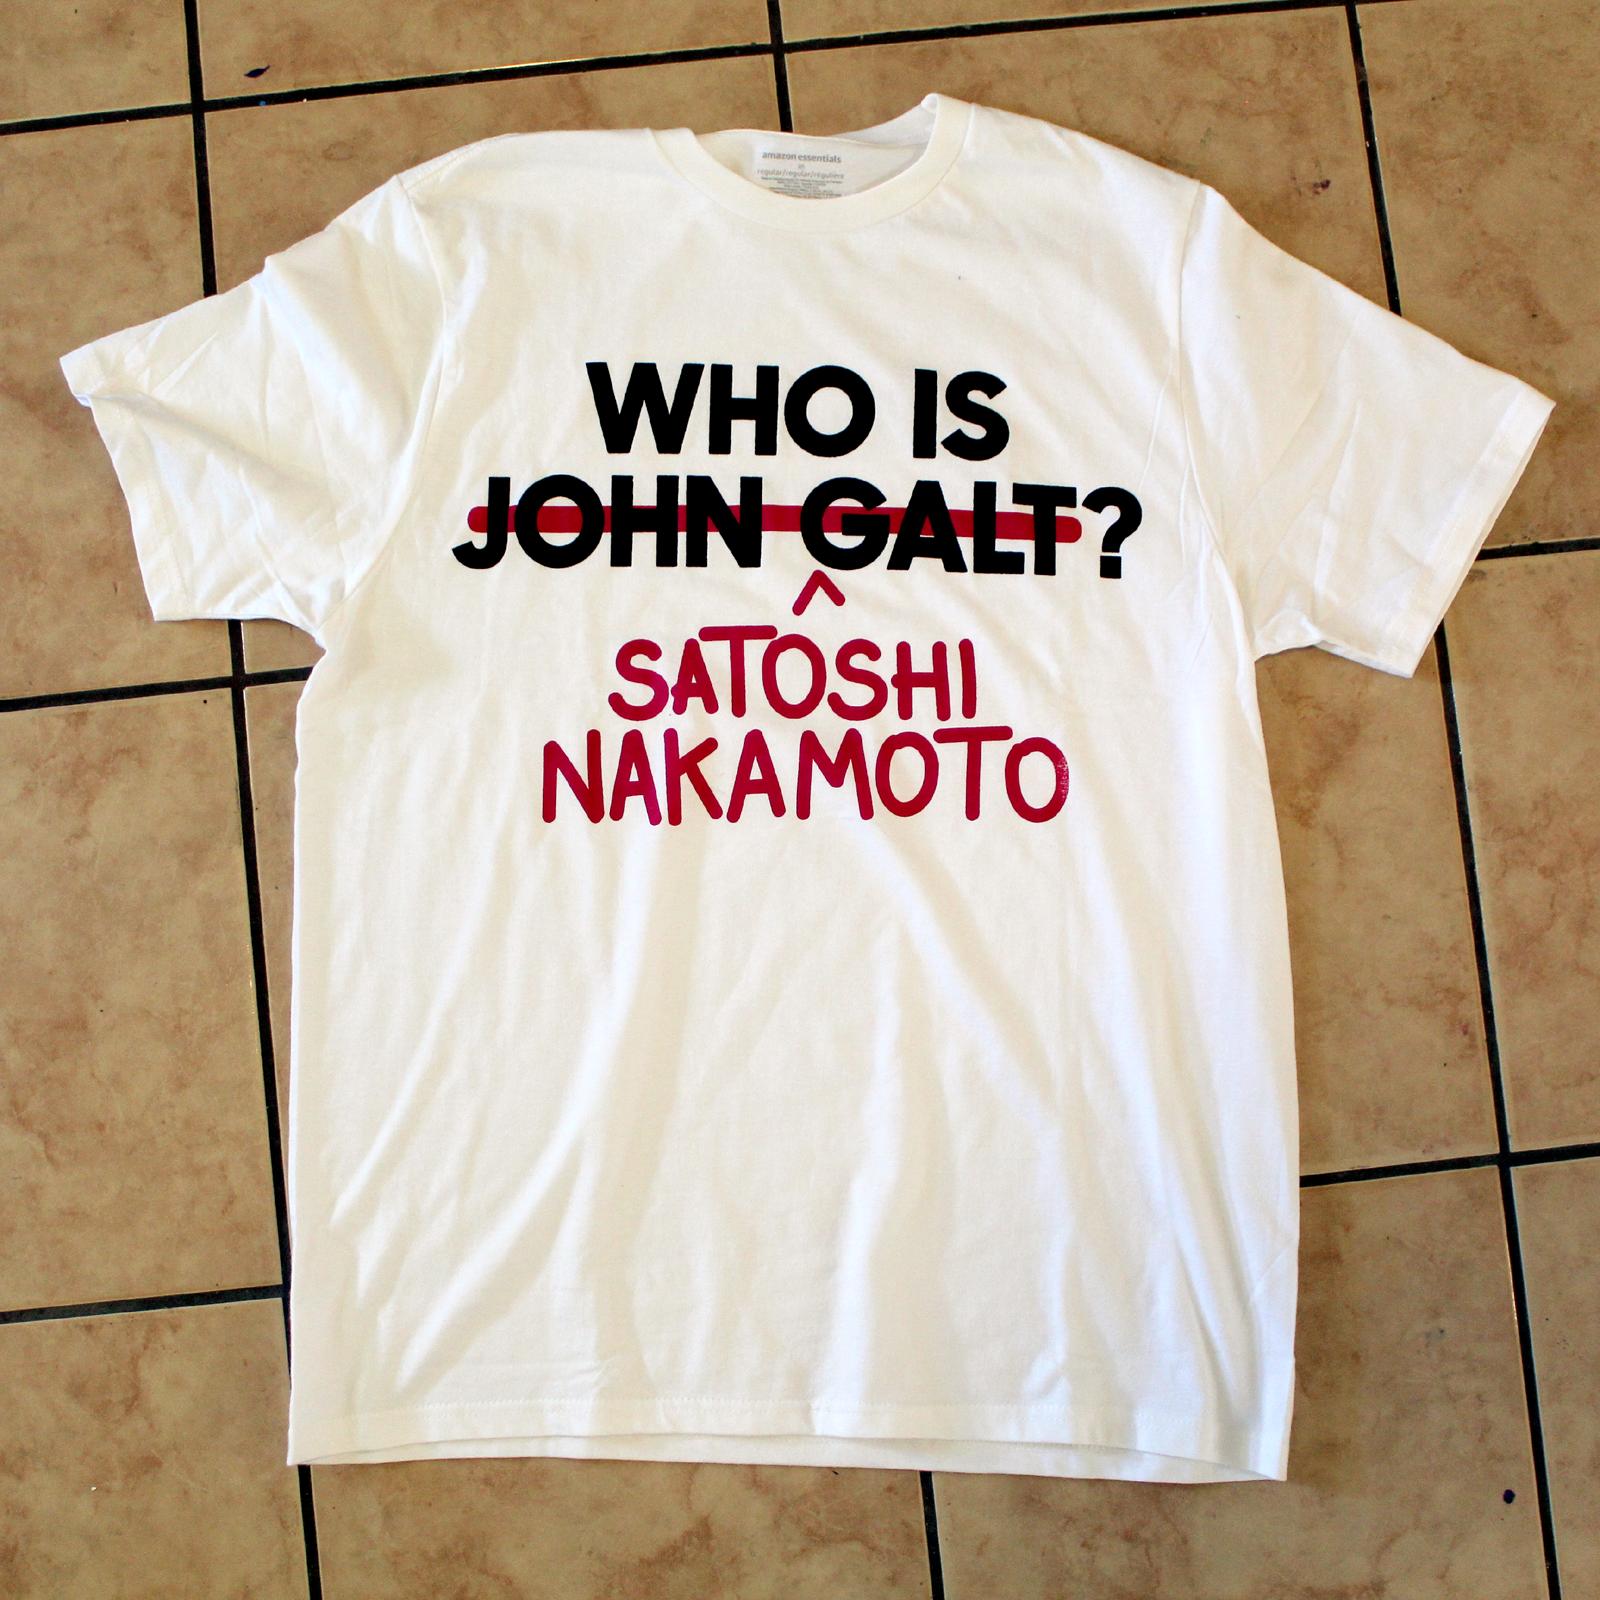 Who is Satoshi Nakomoto